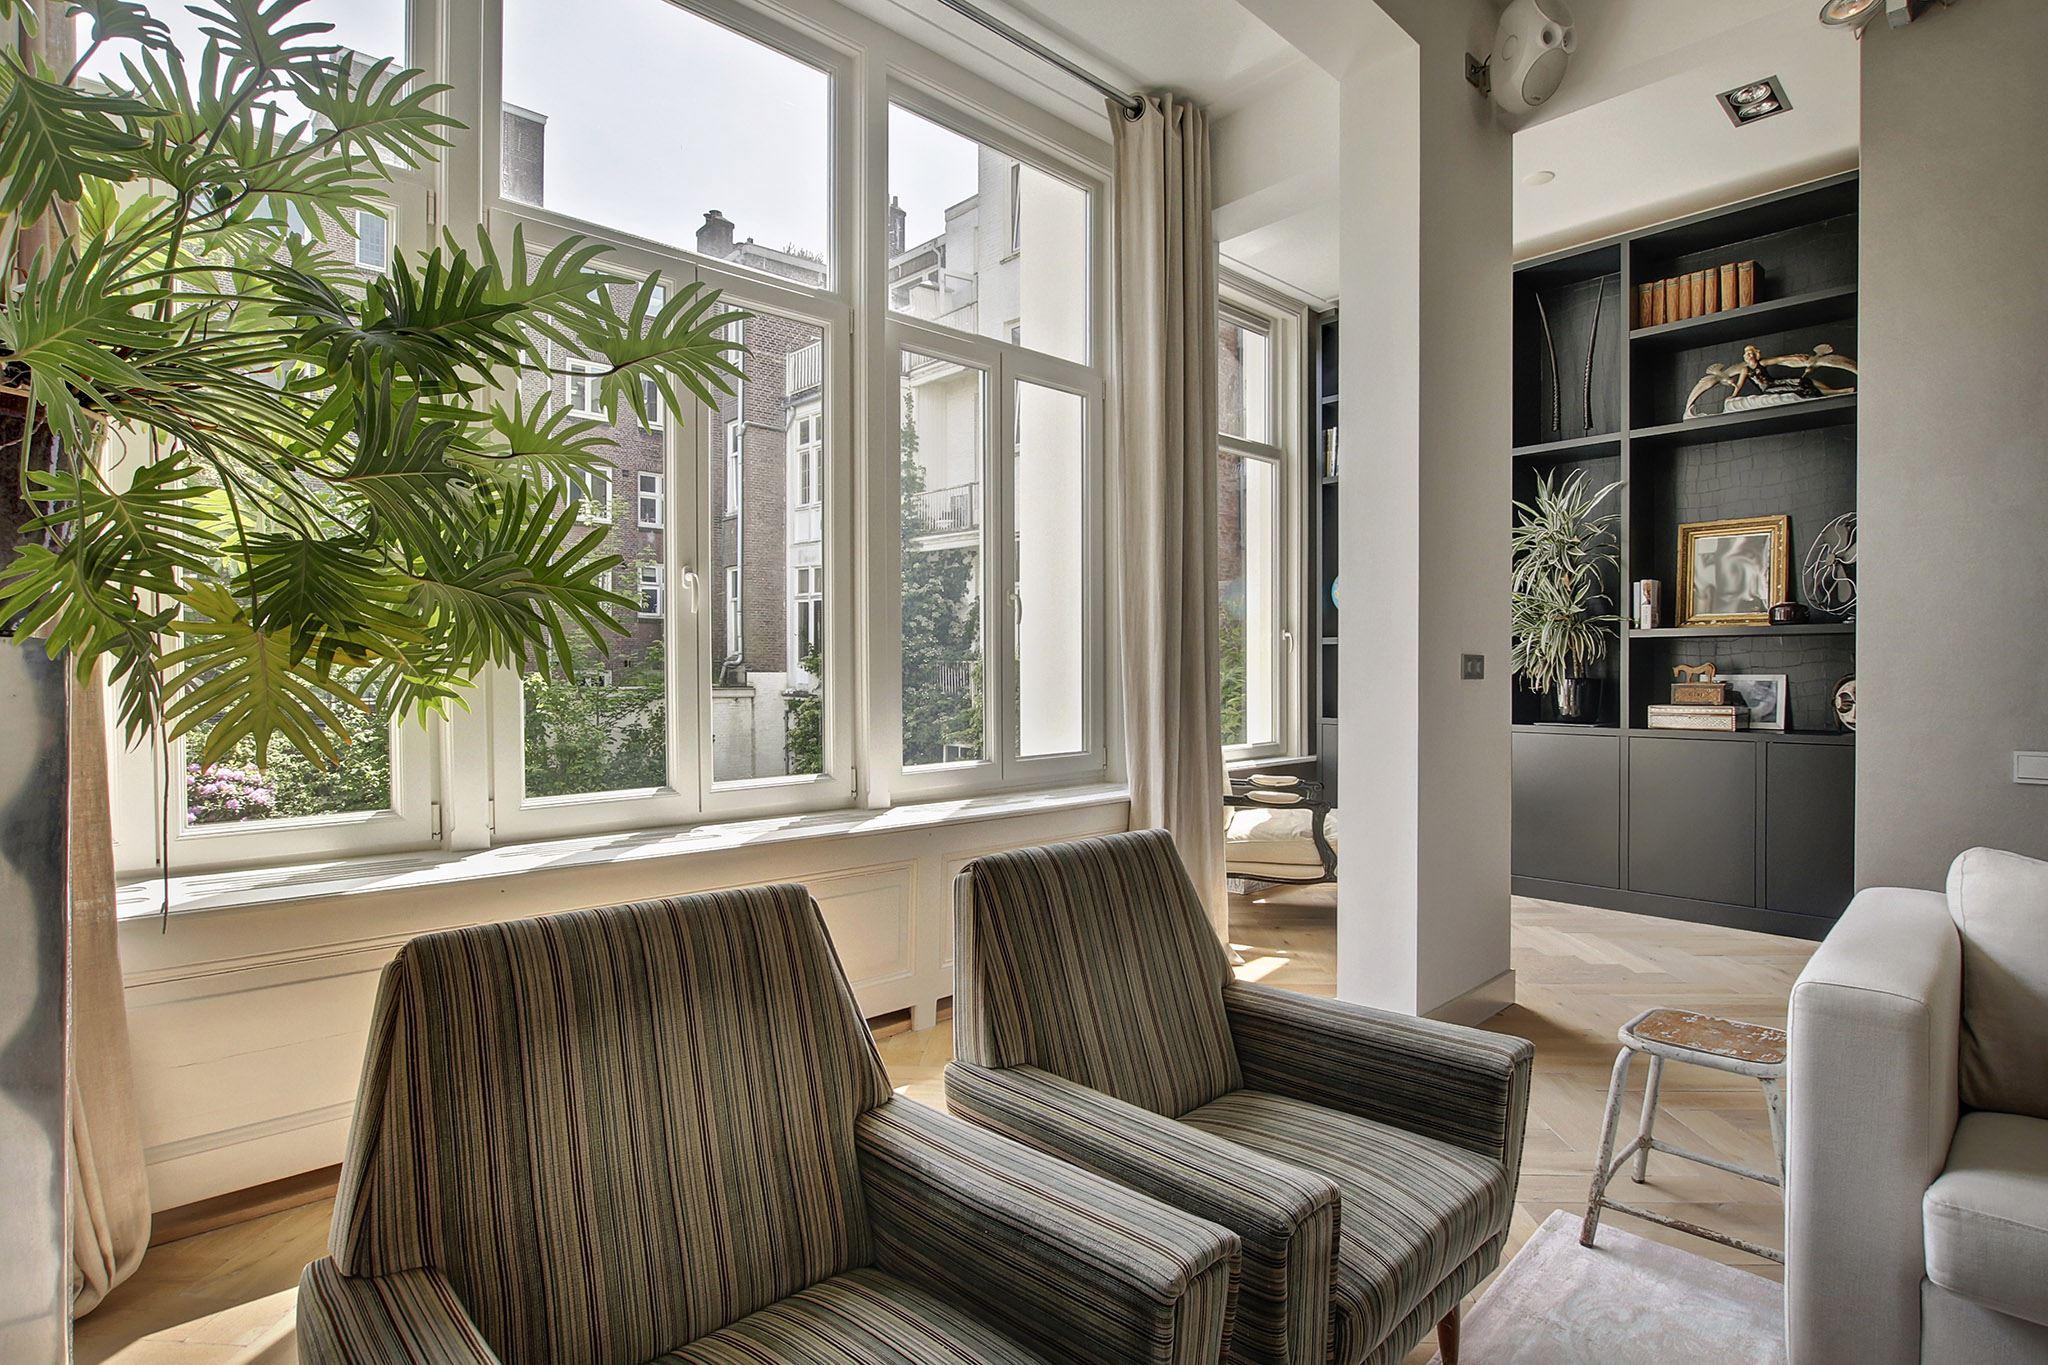 комната колонны проем окна встроенный книжный шкаф